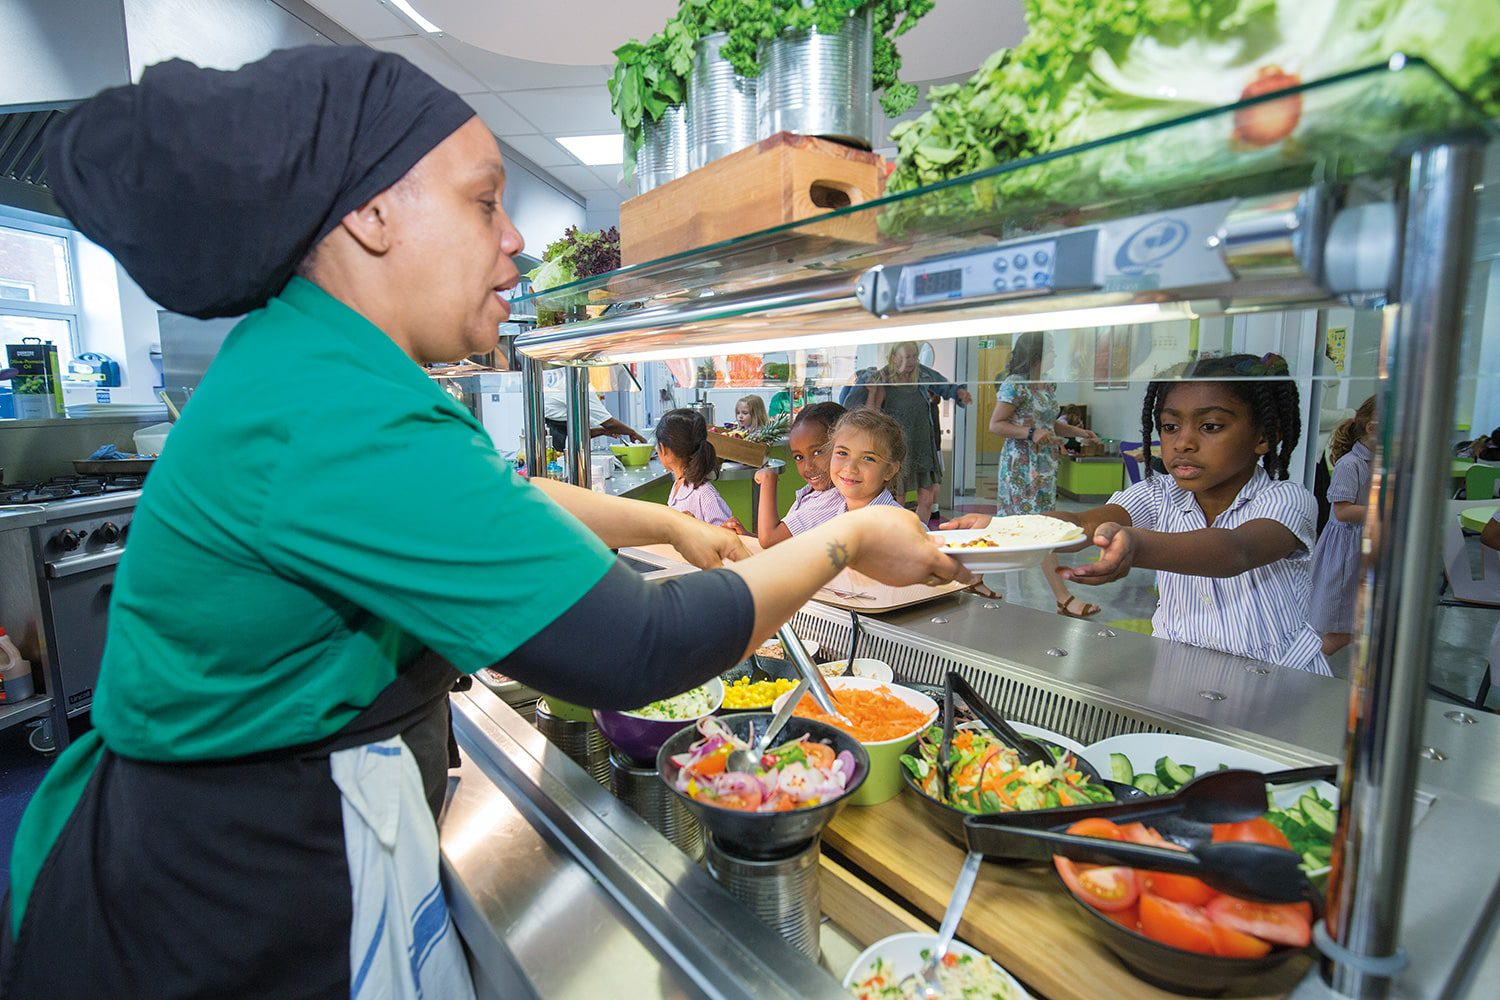 Streatham & Clapham High School —Prep healthy lunch